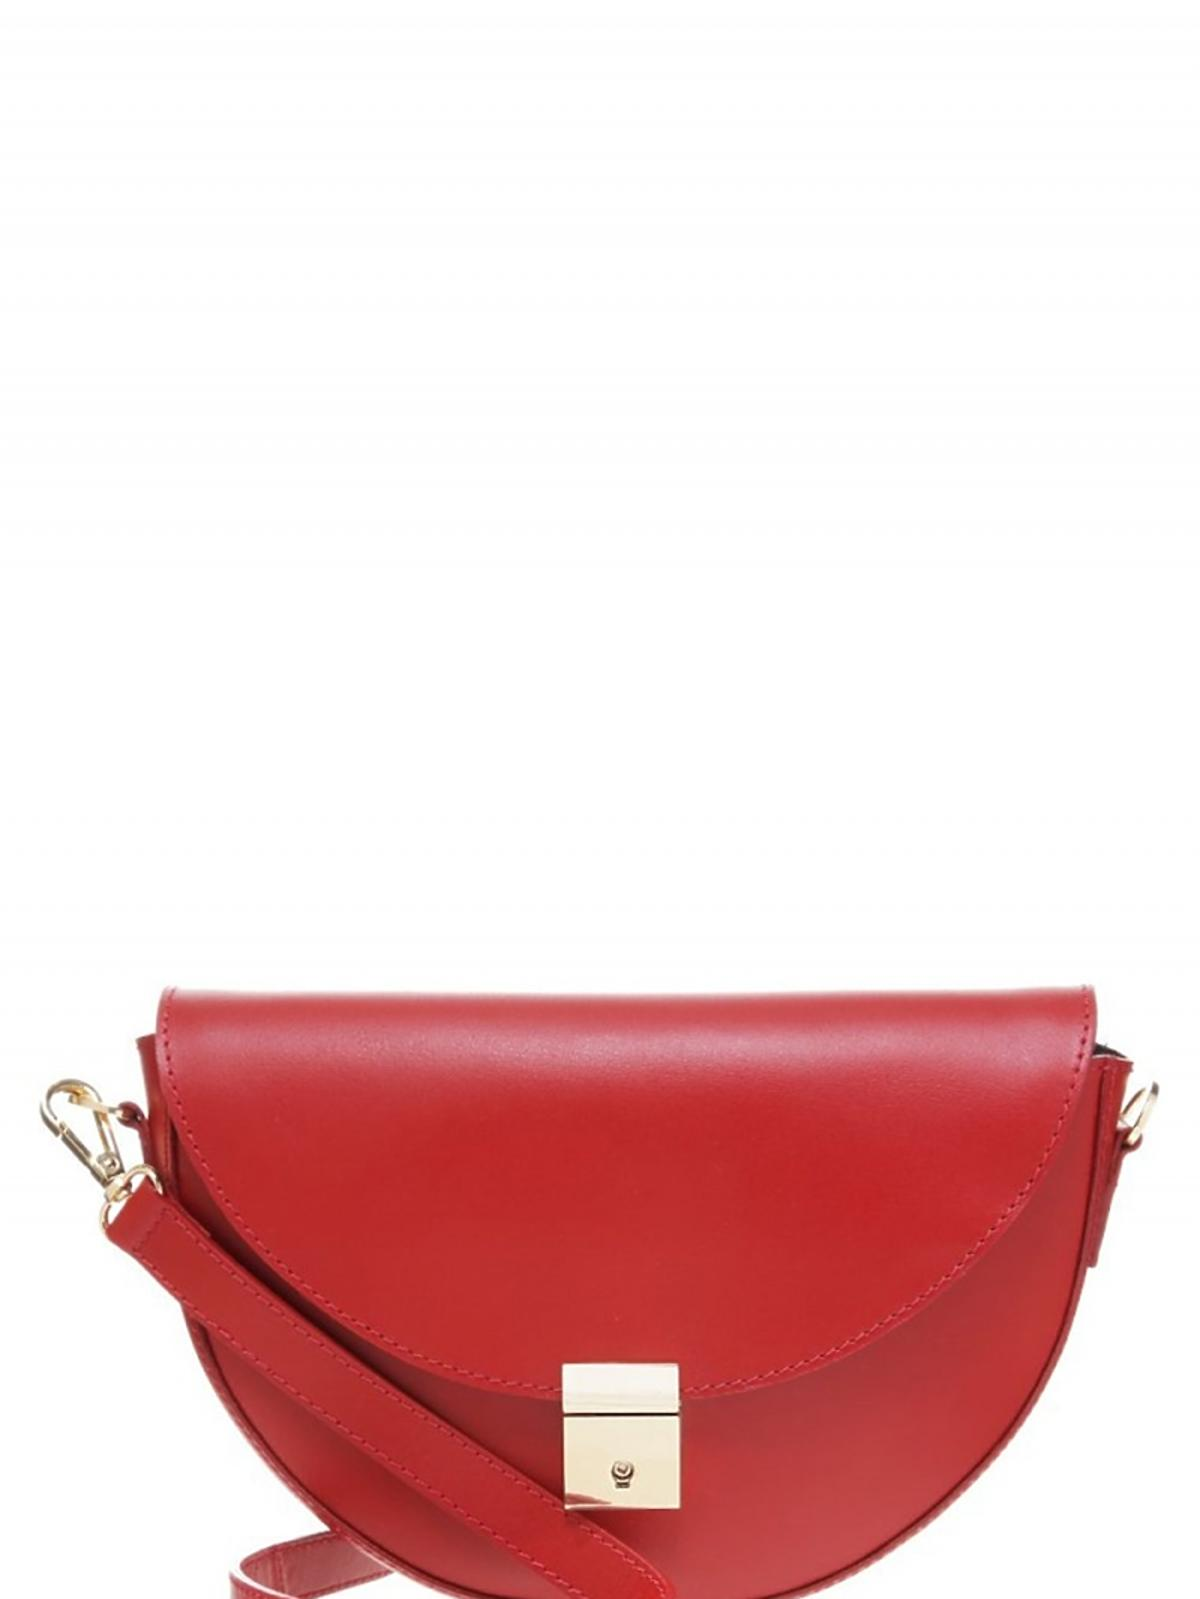 czarwona torba z paskiem